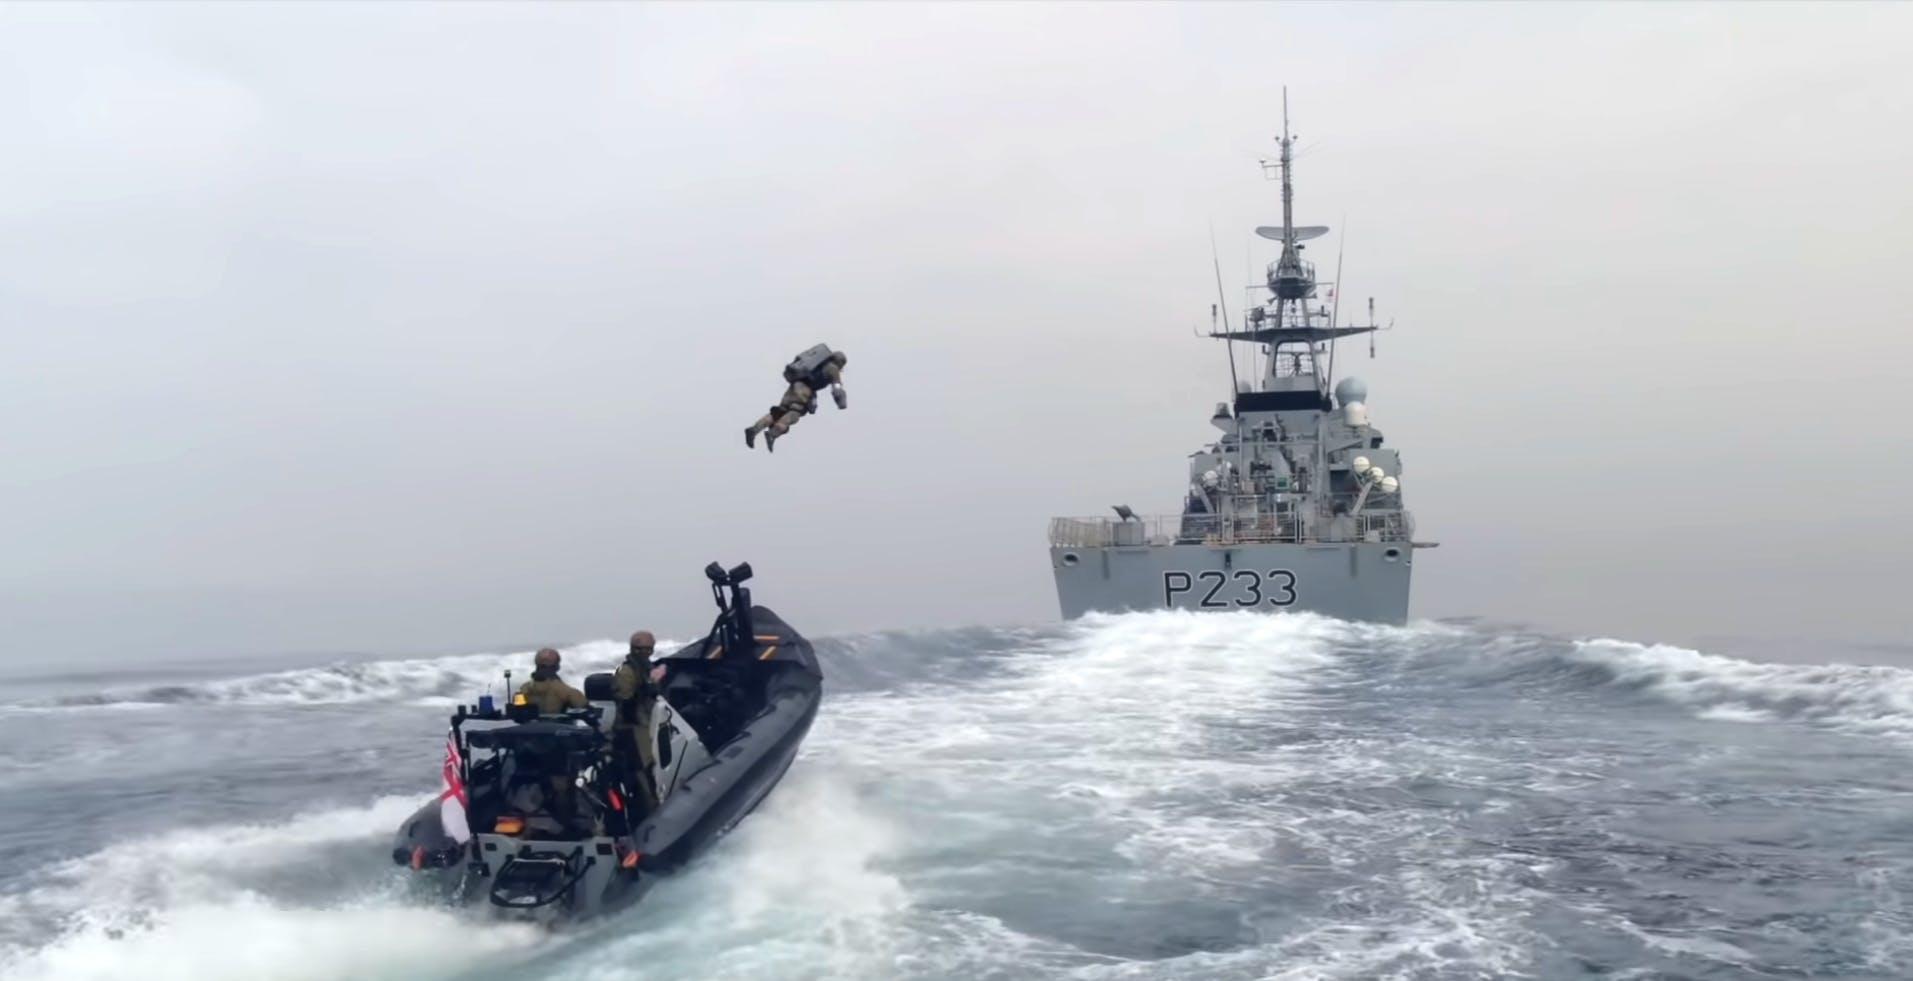 L'assalto ai pirati del mare arriva dal cielo. Pronte le tute stile Iron Man per la marina britannica